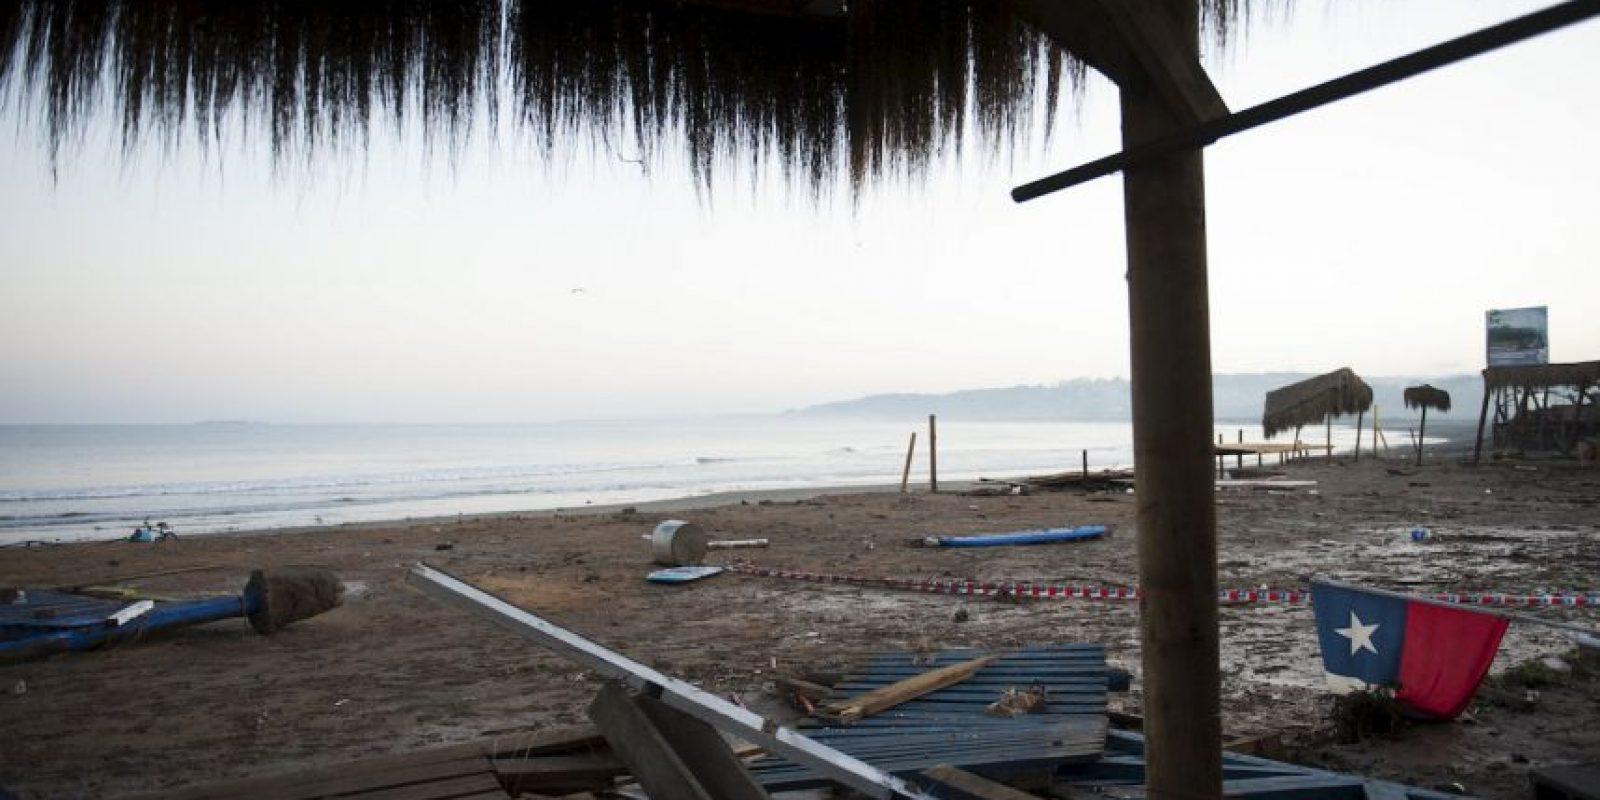 El terremoto generó un tsunami de tsunami de 4.6 metros (15 pies). Foto:AFP